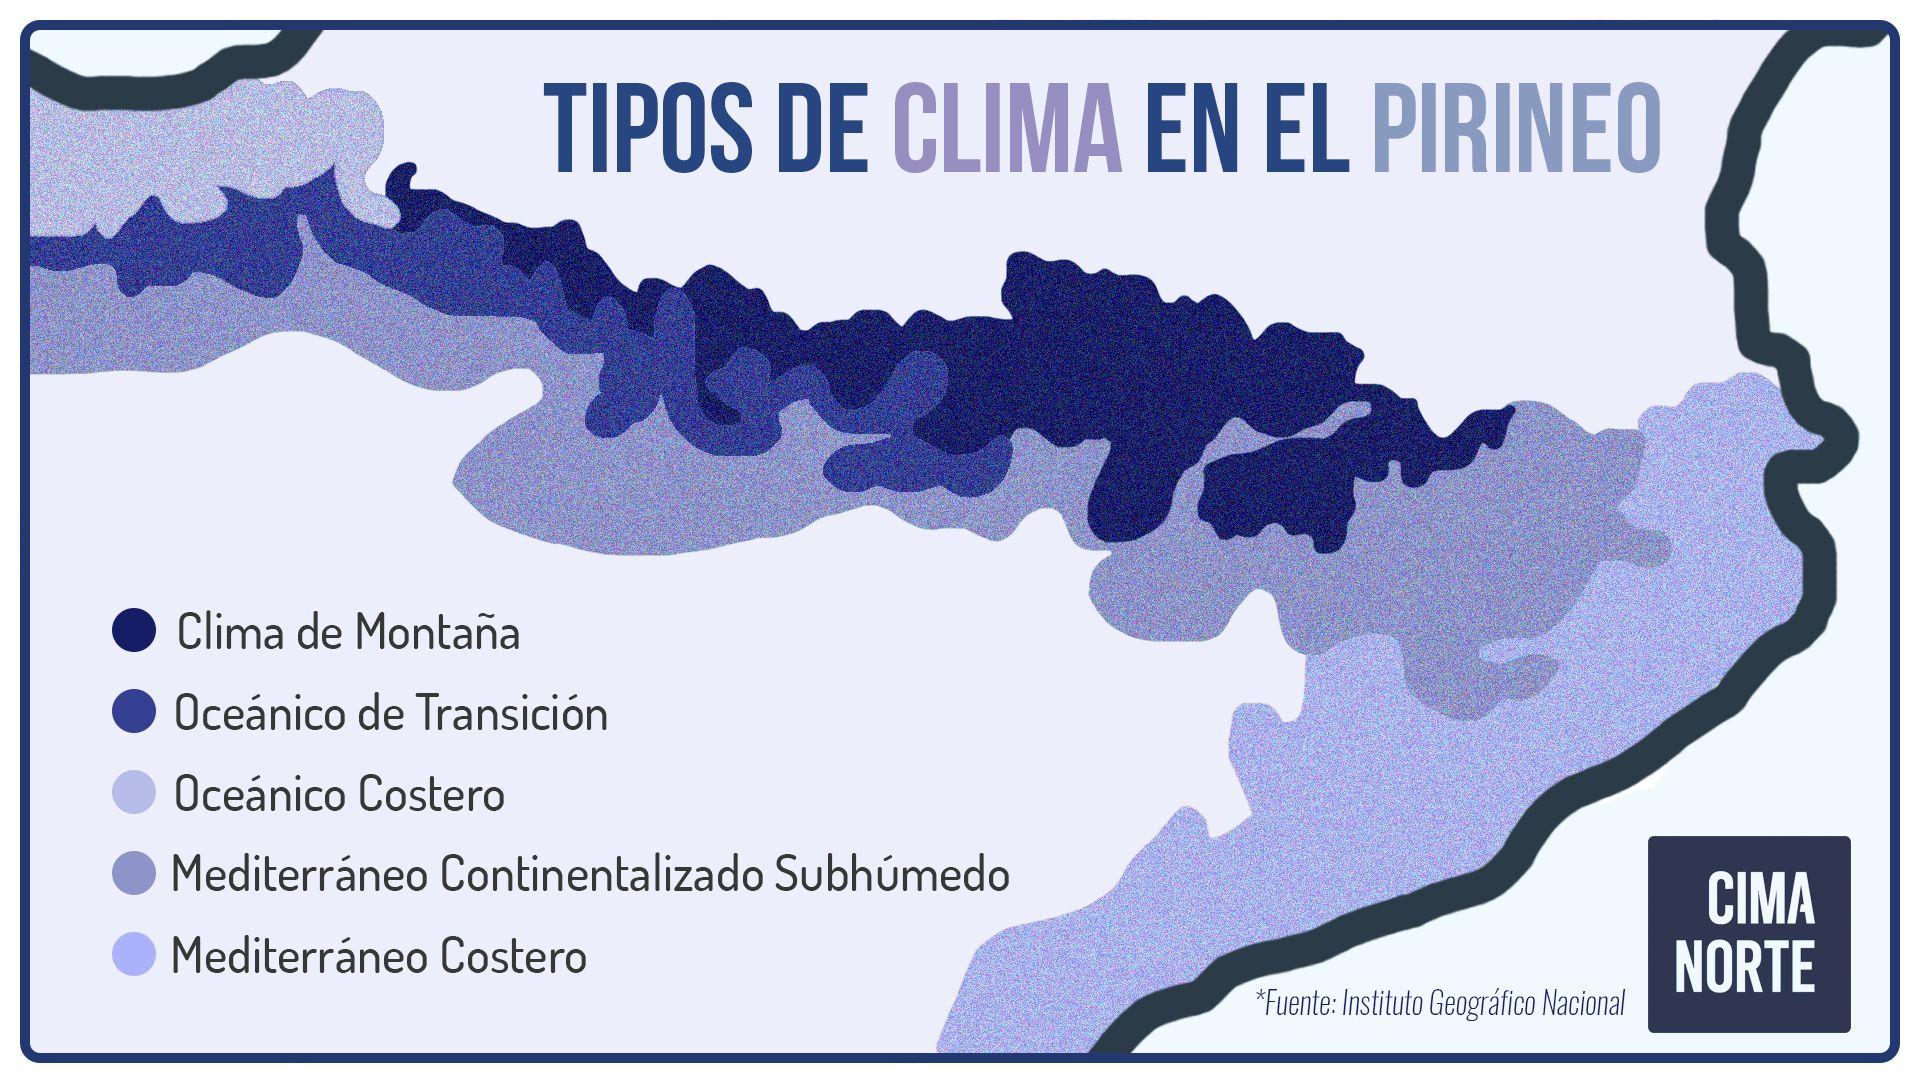 mapa climas del Pirineo 1 infogradia